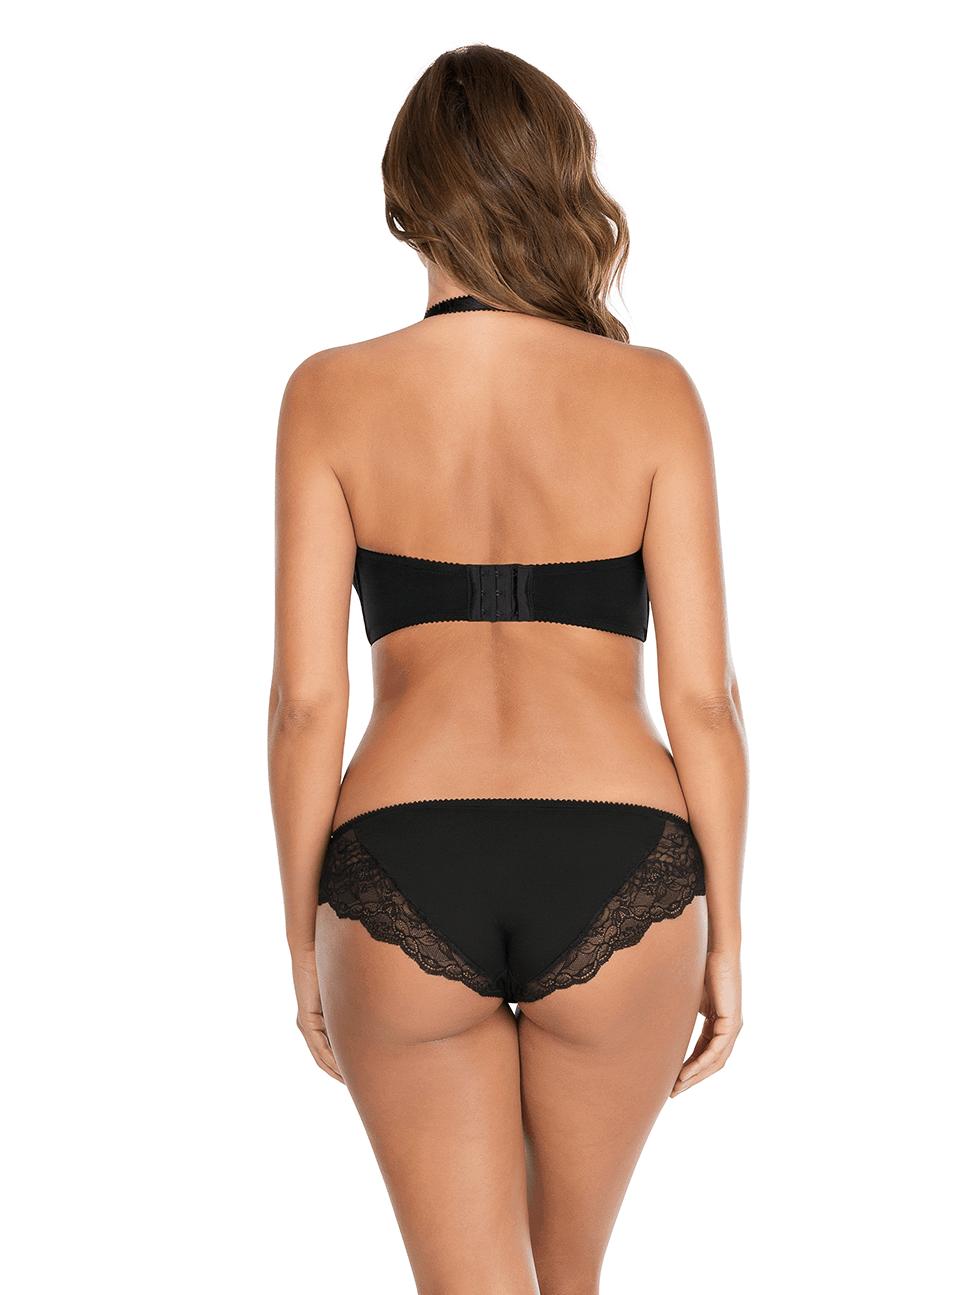 Elissa ContourUnderwireBraP5011 BikiniP5013 Black Halter Back - Elissa Strapless Bra - Black - P5011